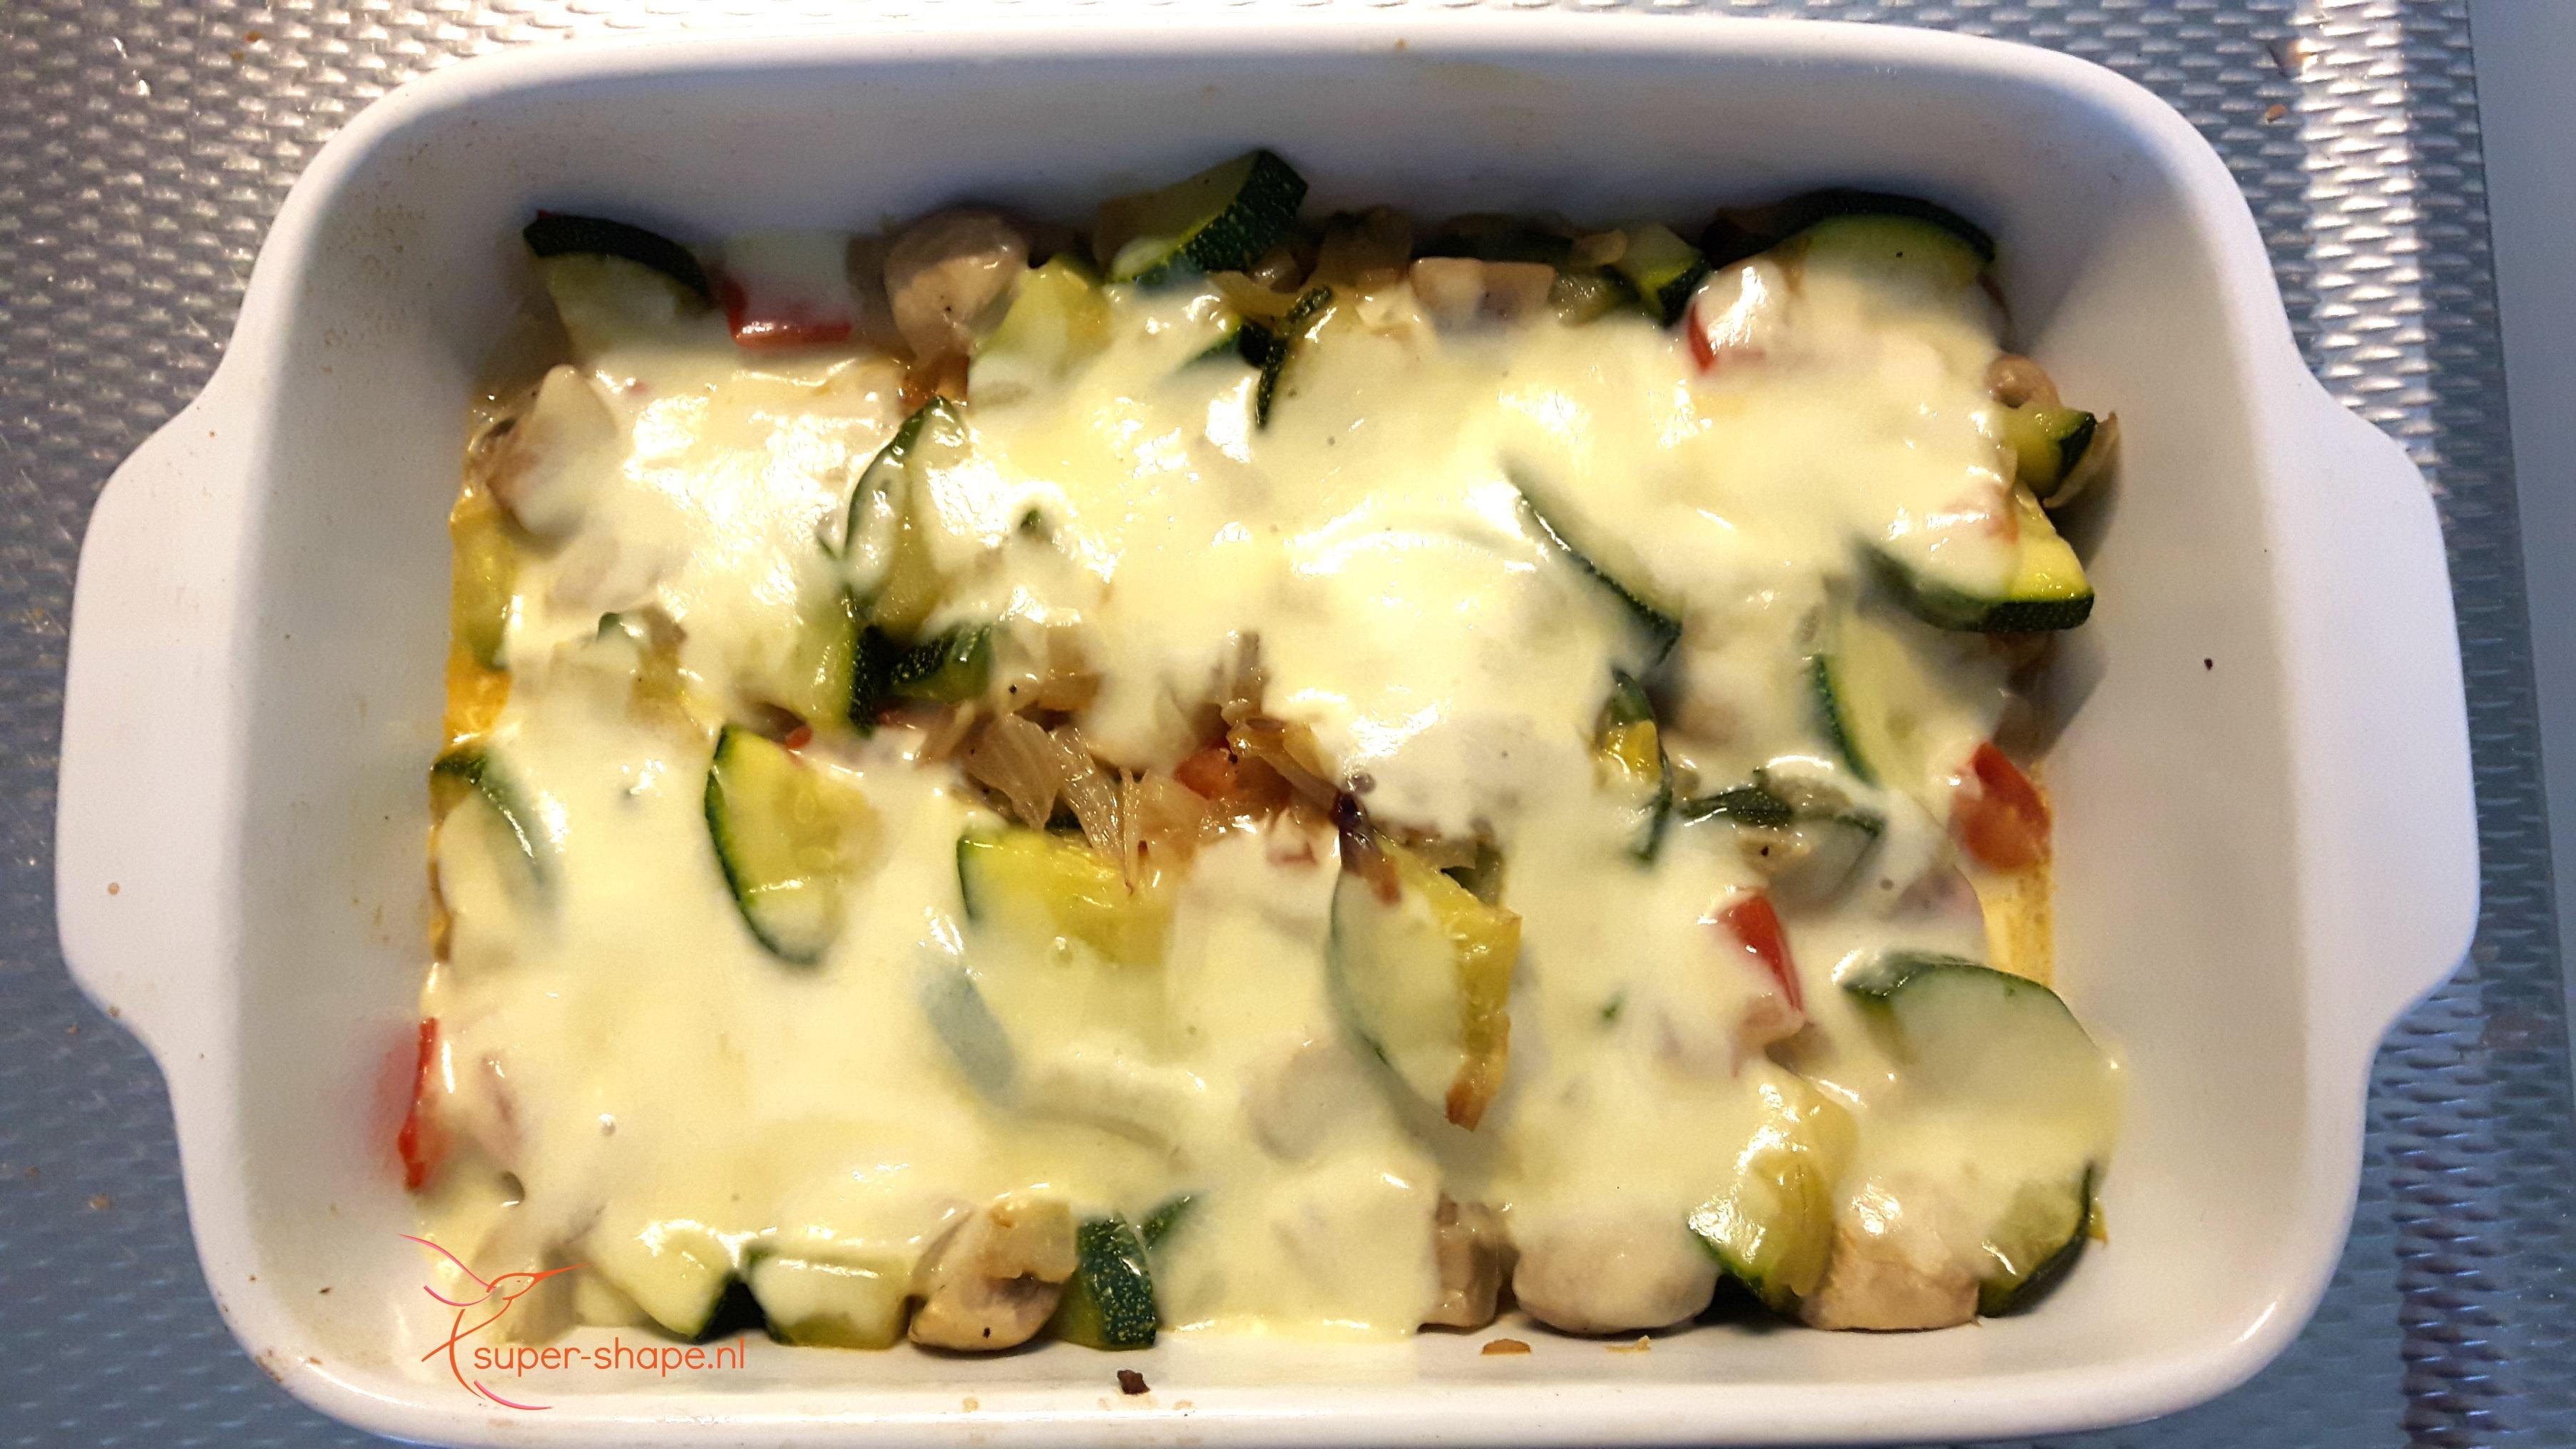 Koolhydraatarm vegetarisch recept